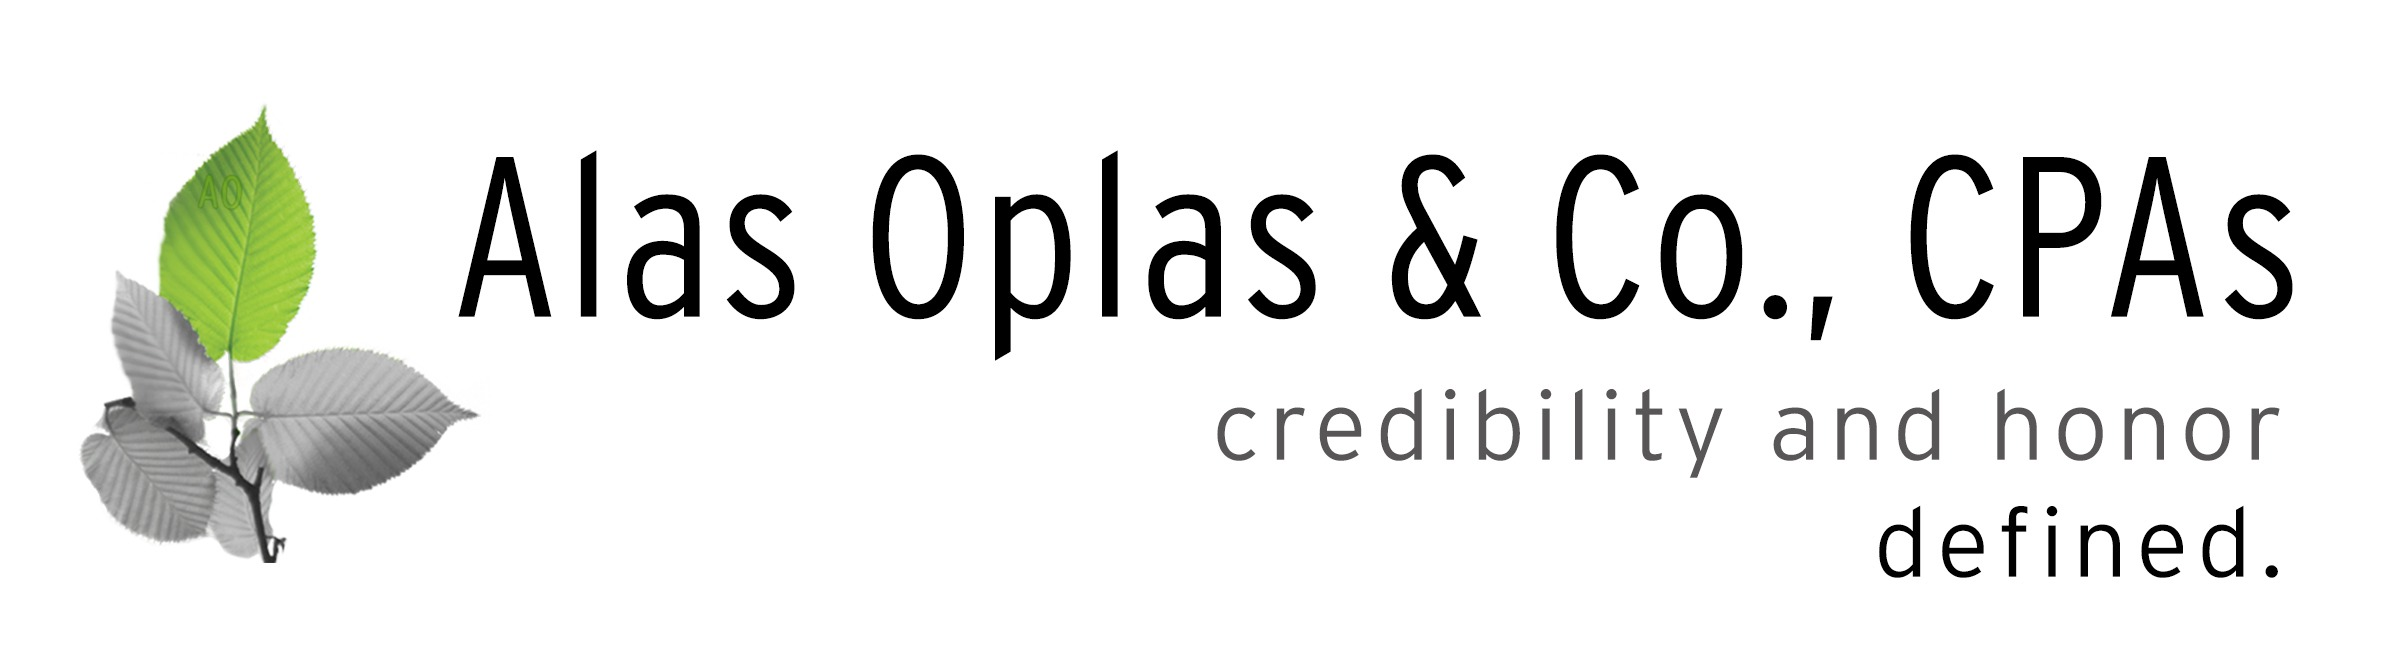 Alas Oplas & Co., CPAs